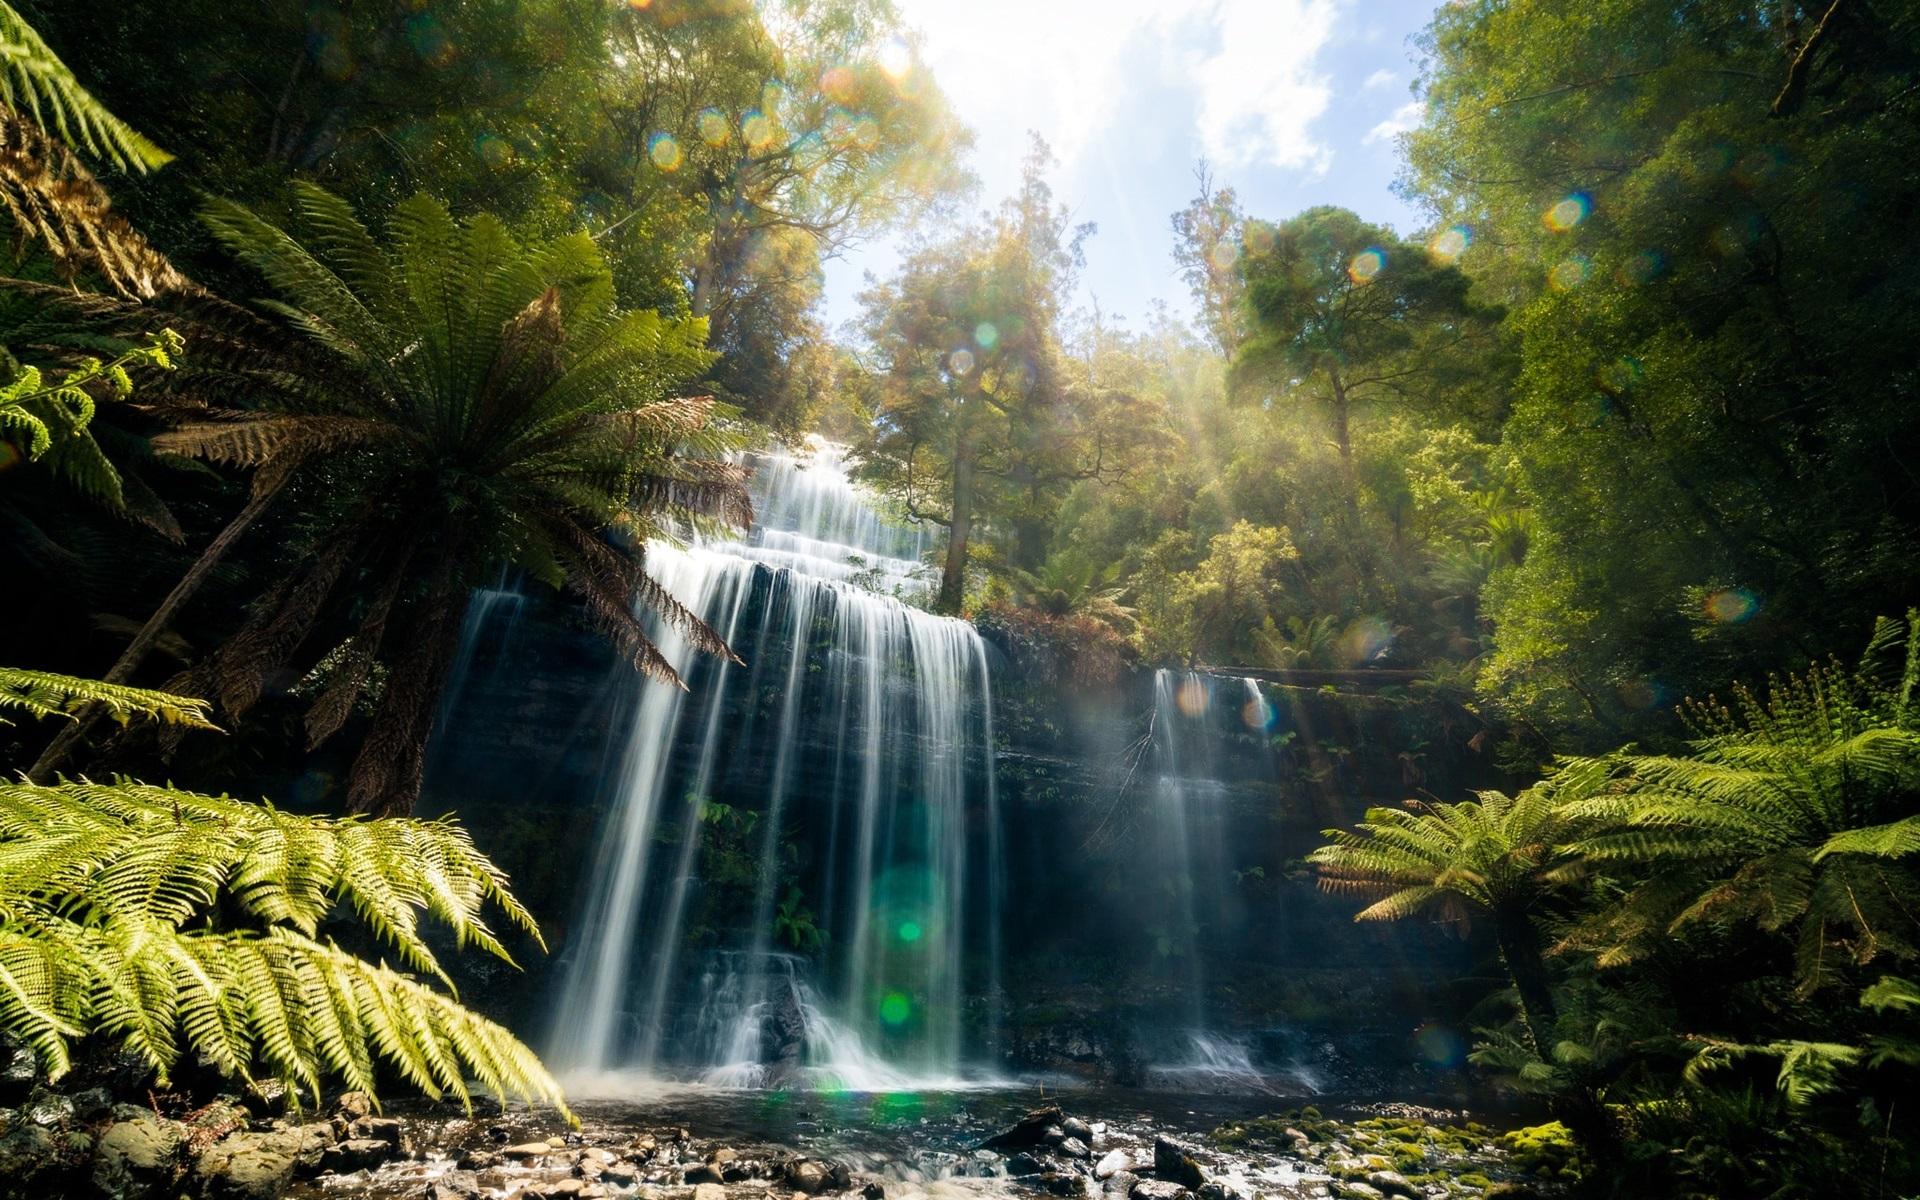 Jungle Waterfall Wallpaper Hd: Wallpaper Tasmania, Beautiful Waterfall, Jungle 1920x1200